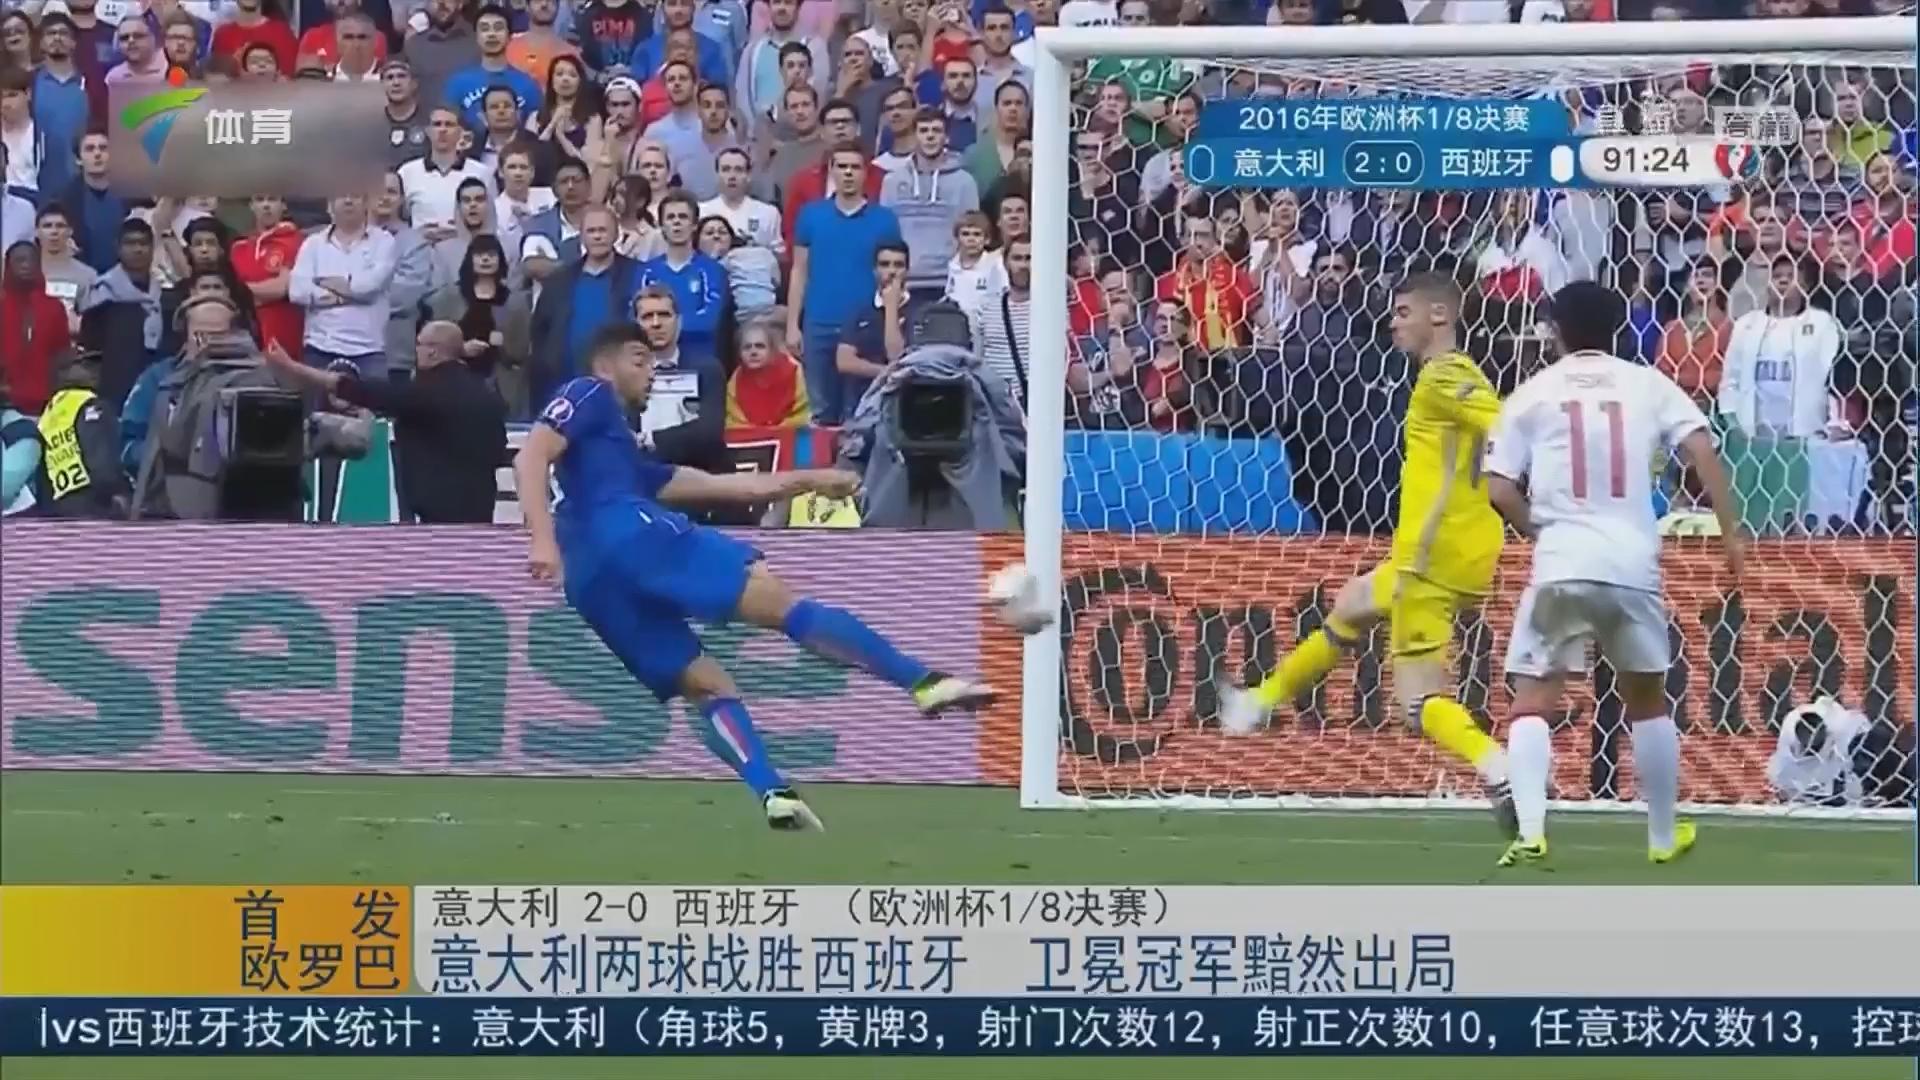 意大利两球战胜西班牙 卫冕冠军黯然出局